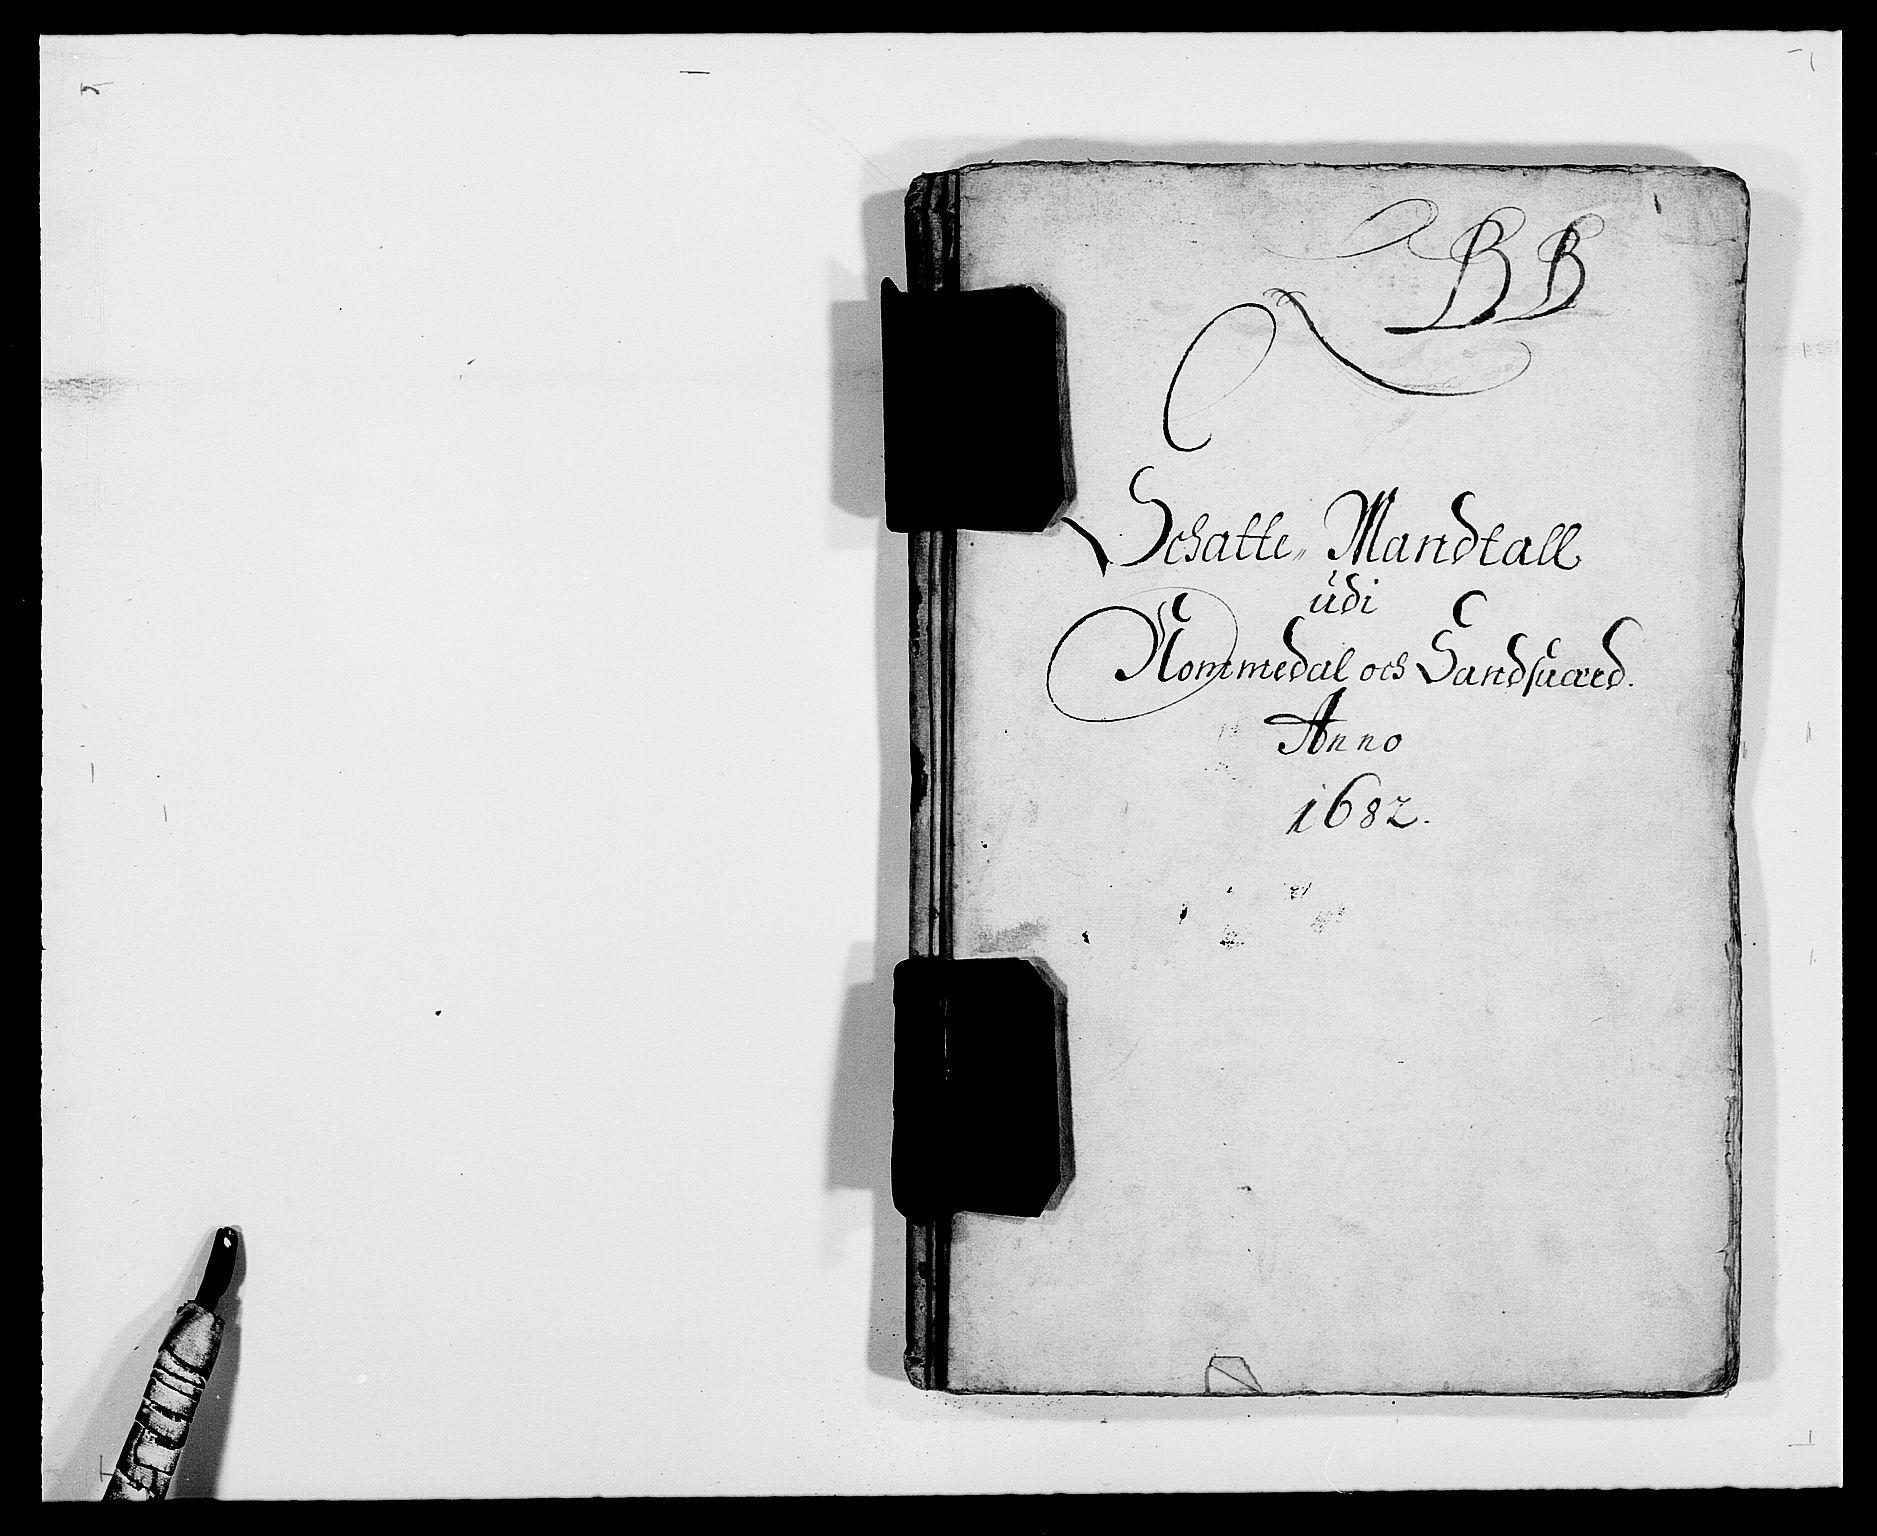 RA, Rentekammeret inntil 1814, Reviderte regnskaper, Fogderegnskap, R24/L1570: Fogderegnskap Numedal og Sandsvær, 1679-1686, s. 8